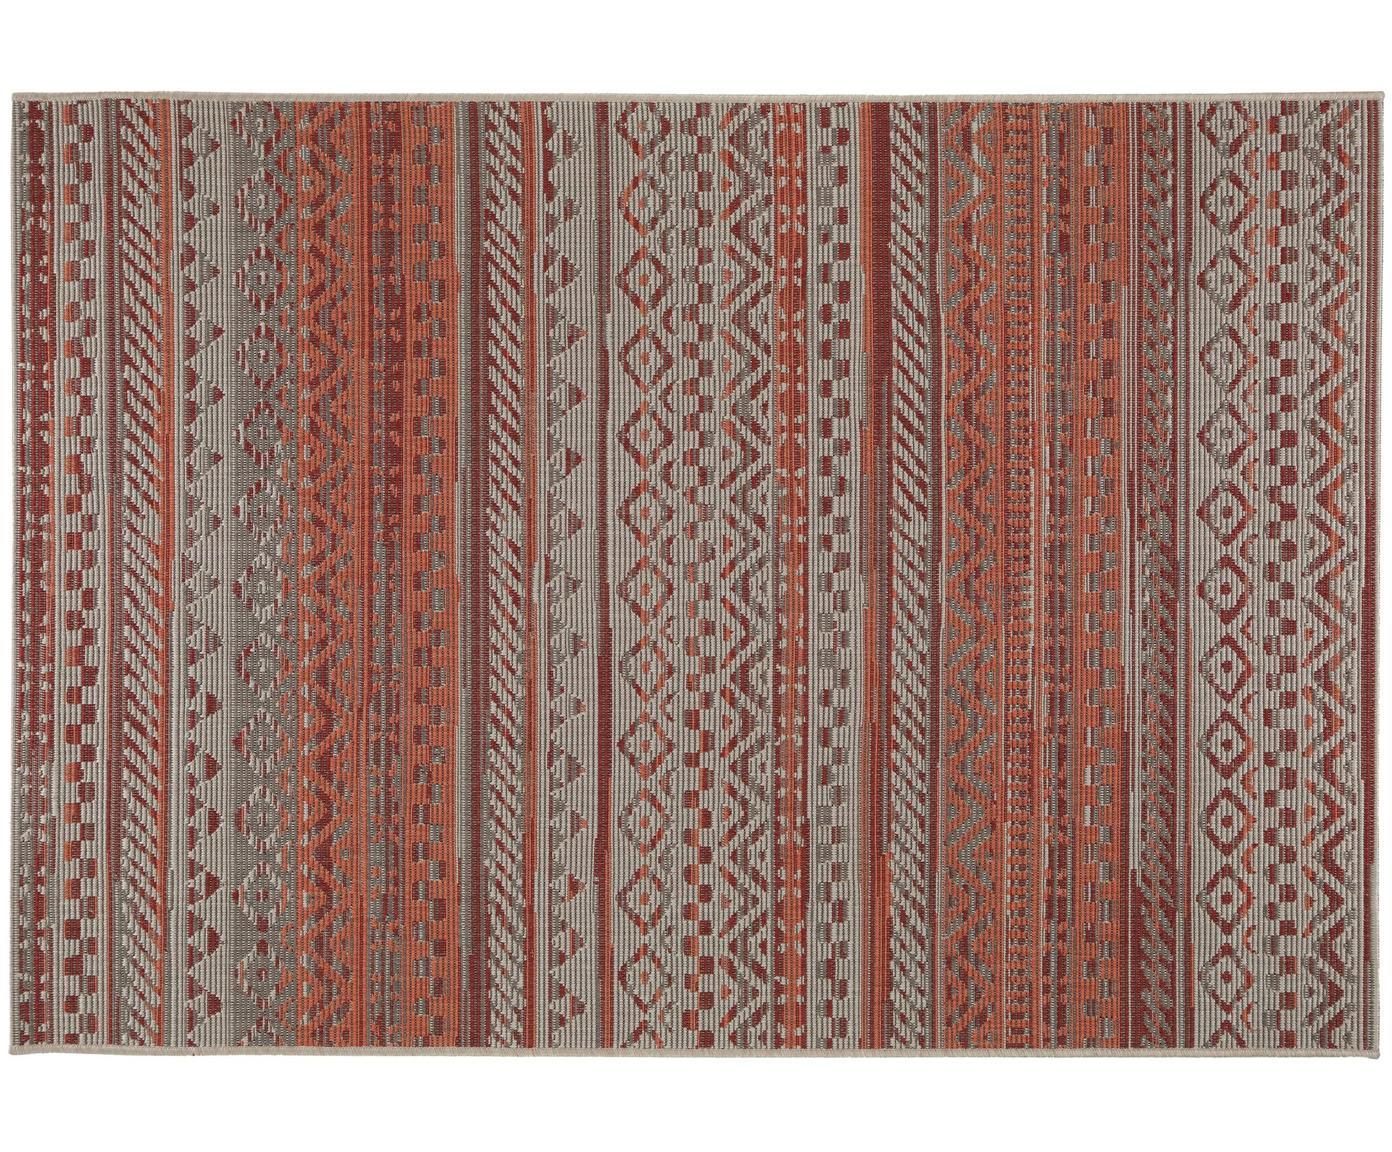 Dywan wewnętrzny/zewnętrzny Capri, Polipropylen, Czerwony, S 120 x D 170 cm (Rozmiar S)